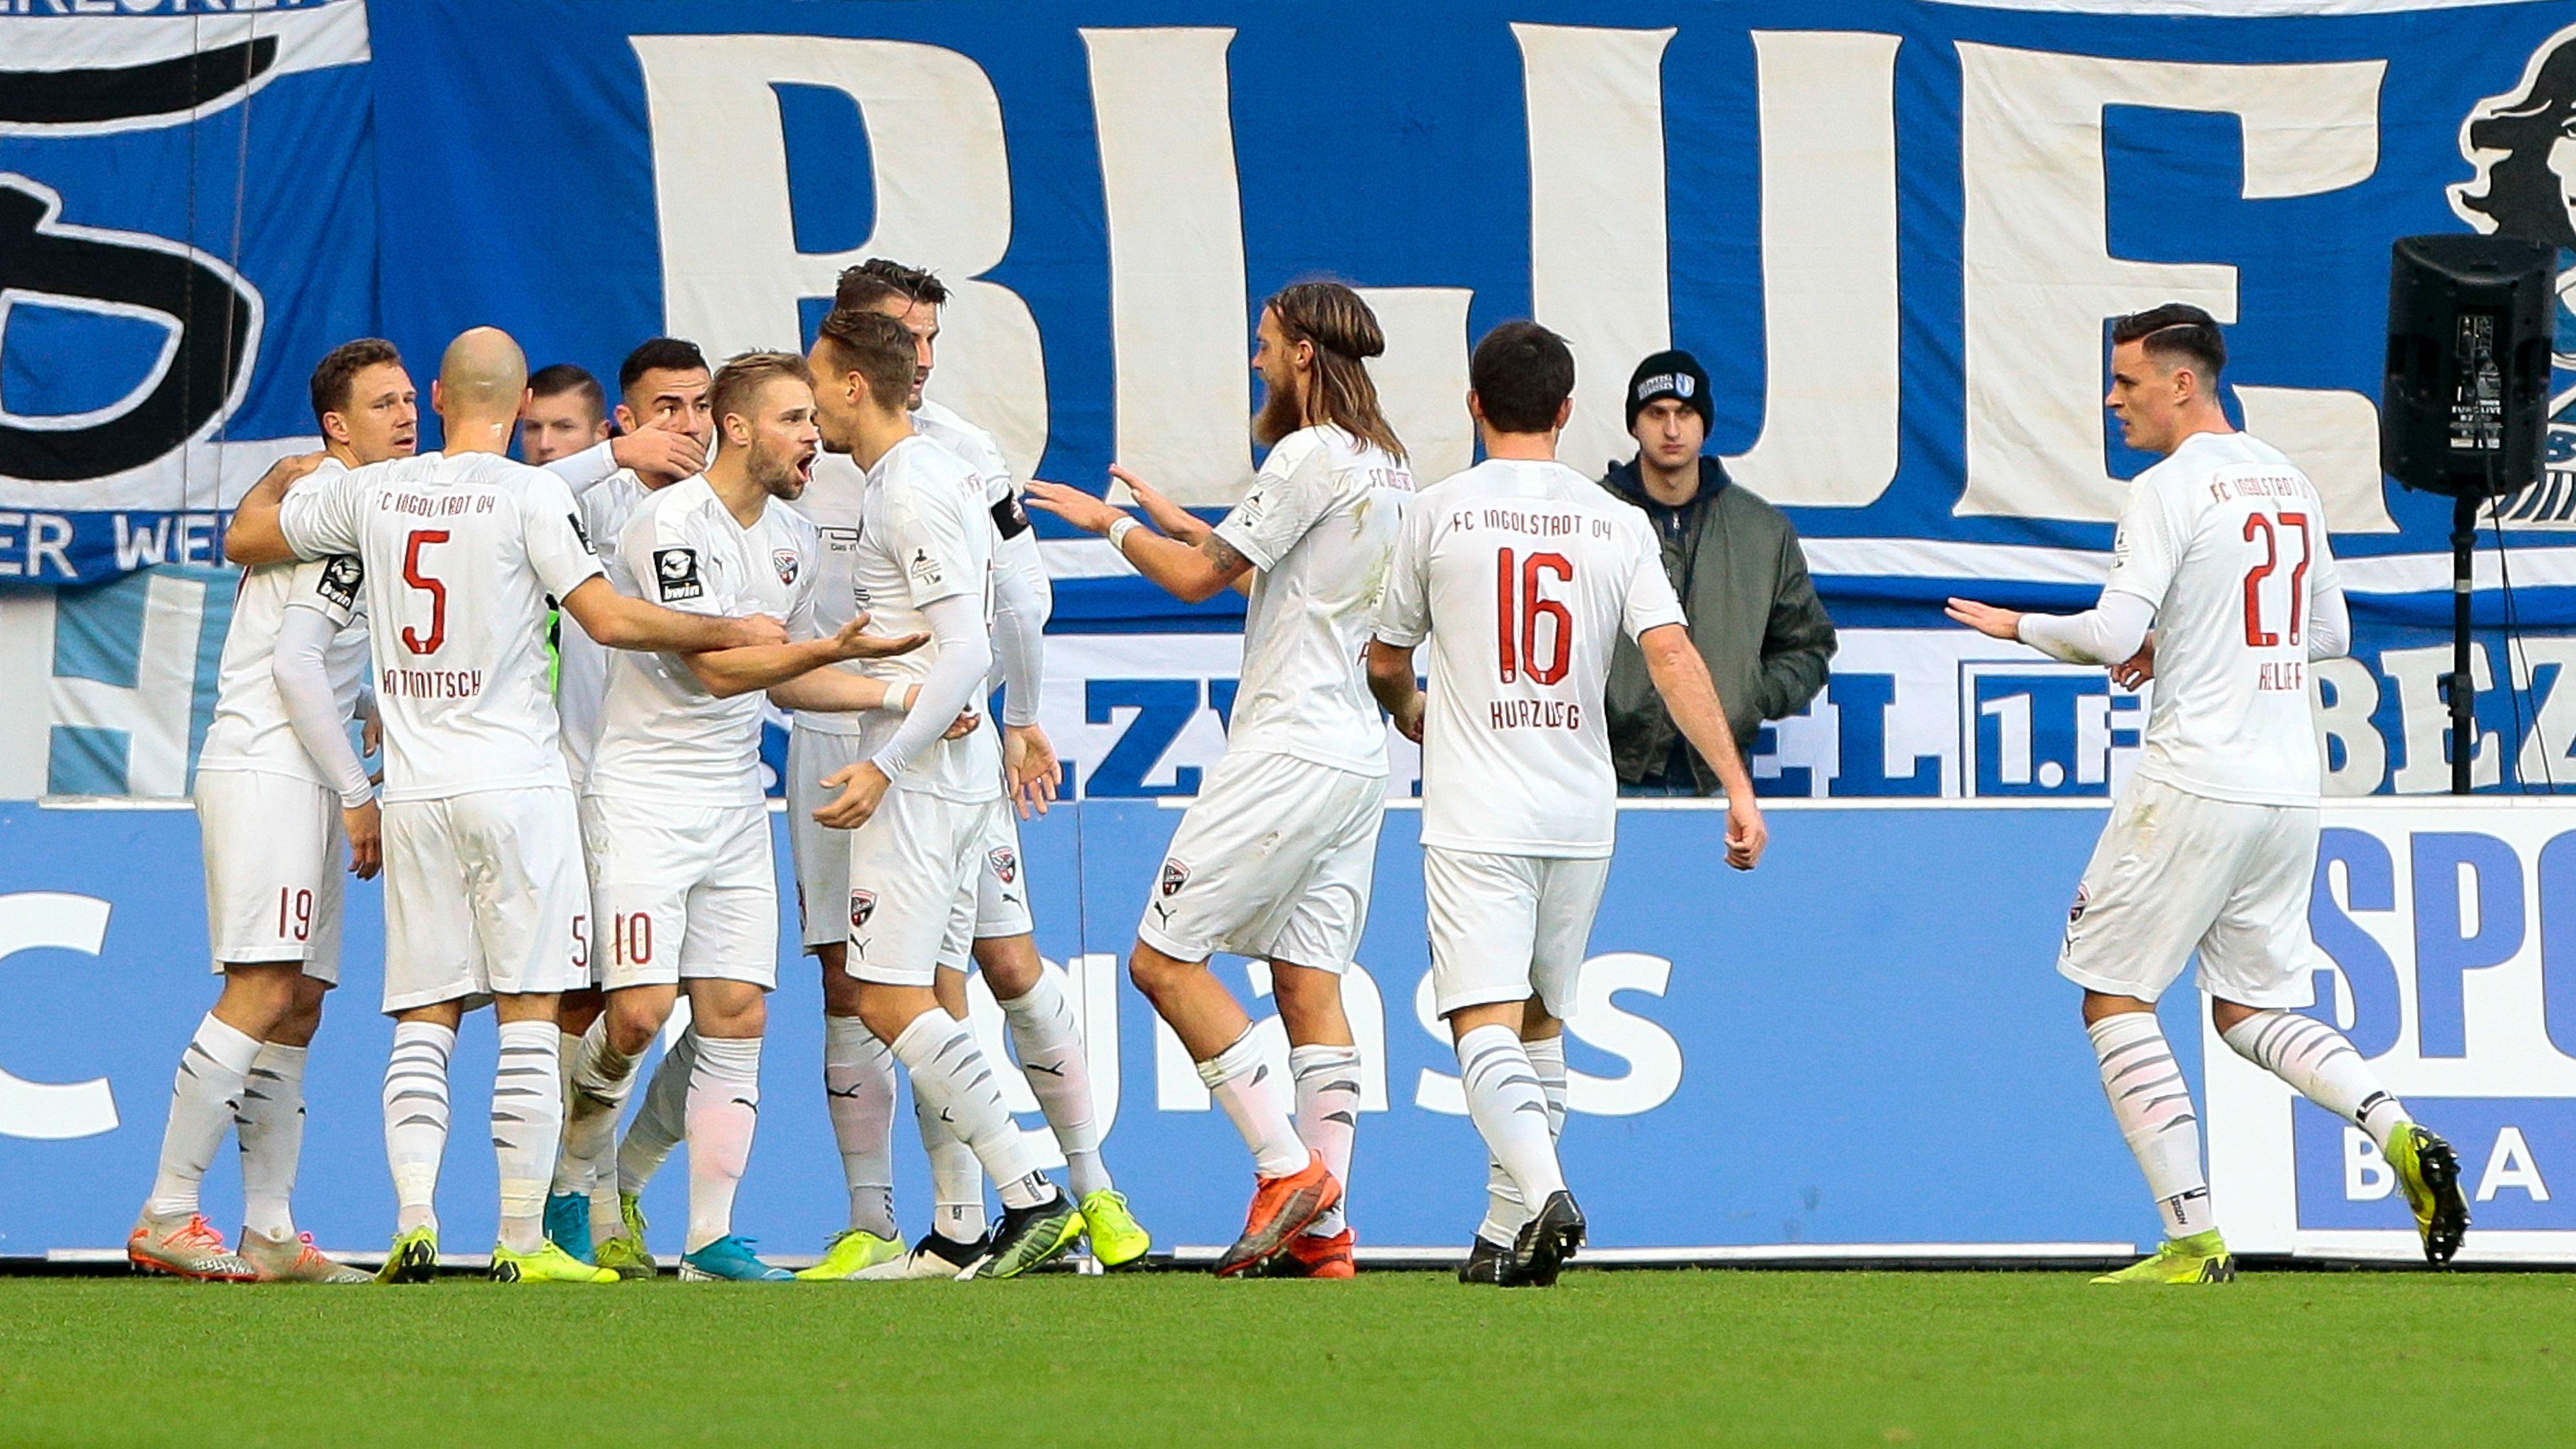 Jubel beim FC Ingolstadt